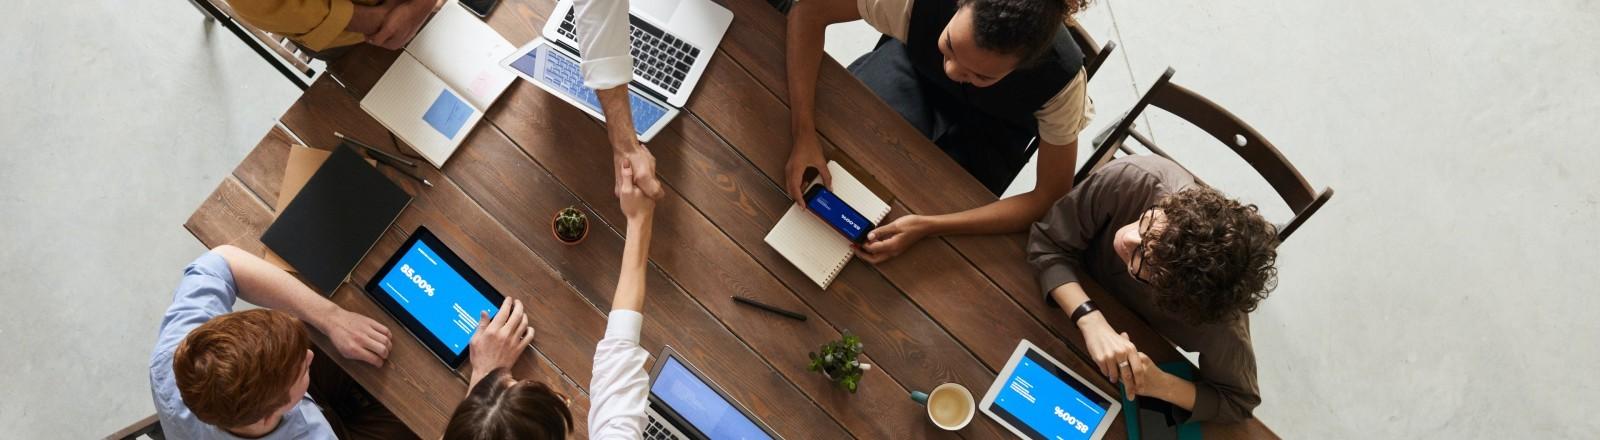 Zwei Menschen geben sich über eine Tisch die Hand in einem Meeting